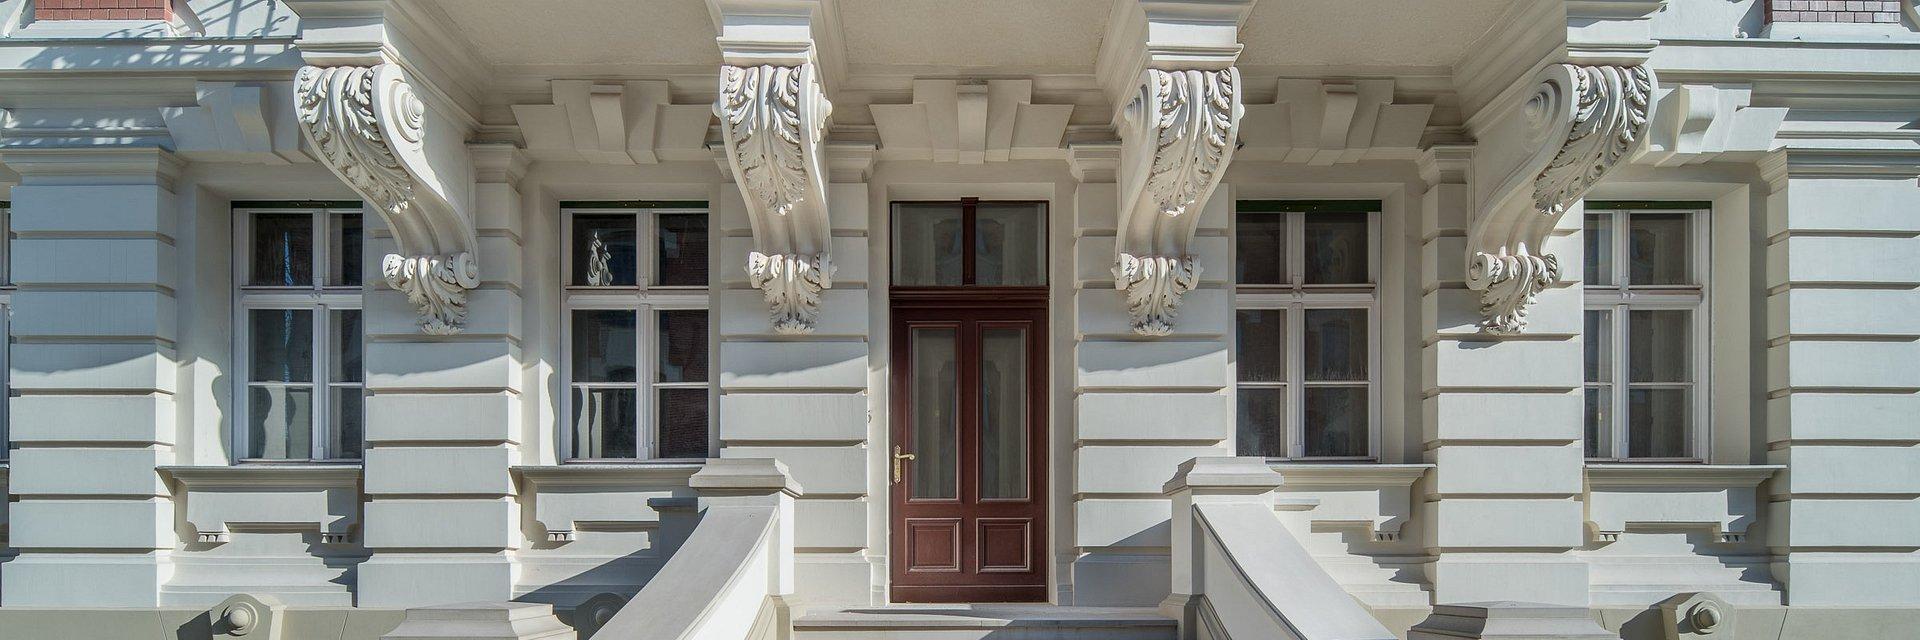 Helios wybrał na swoją siedzibę Zenit w Łodzi